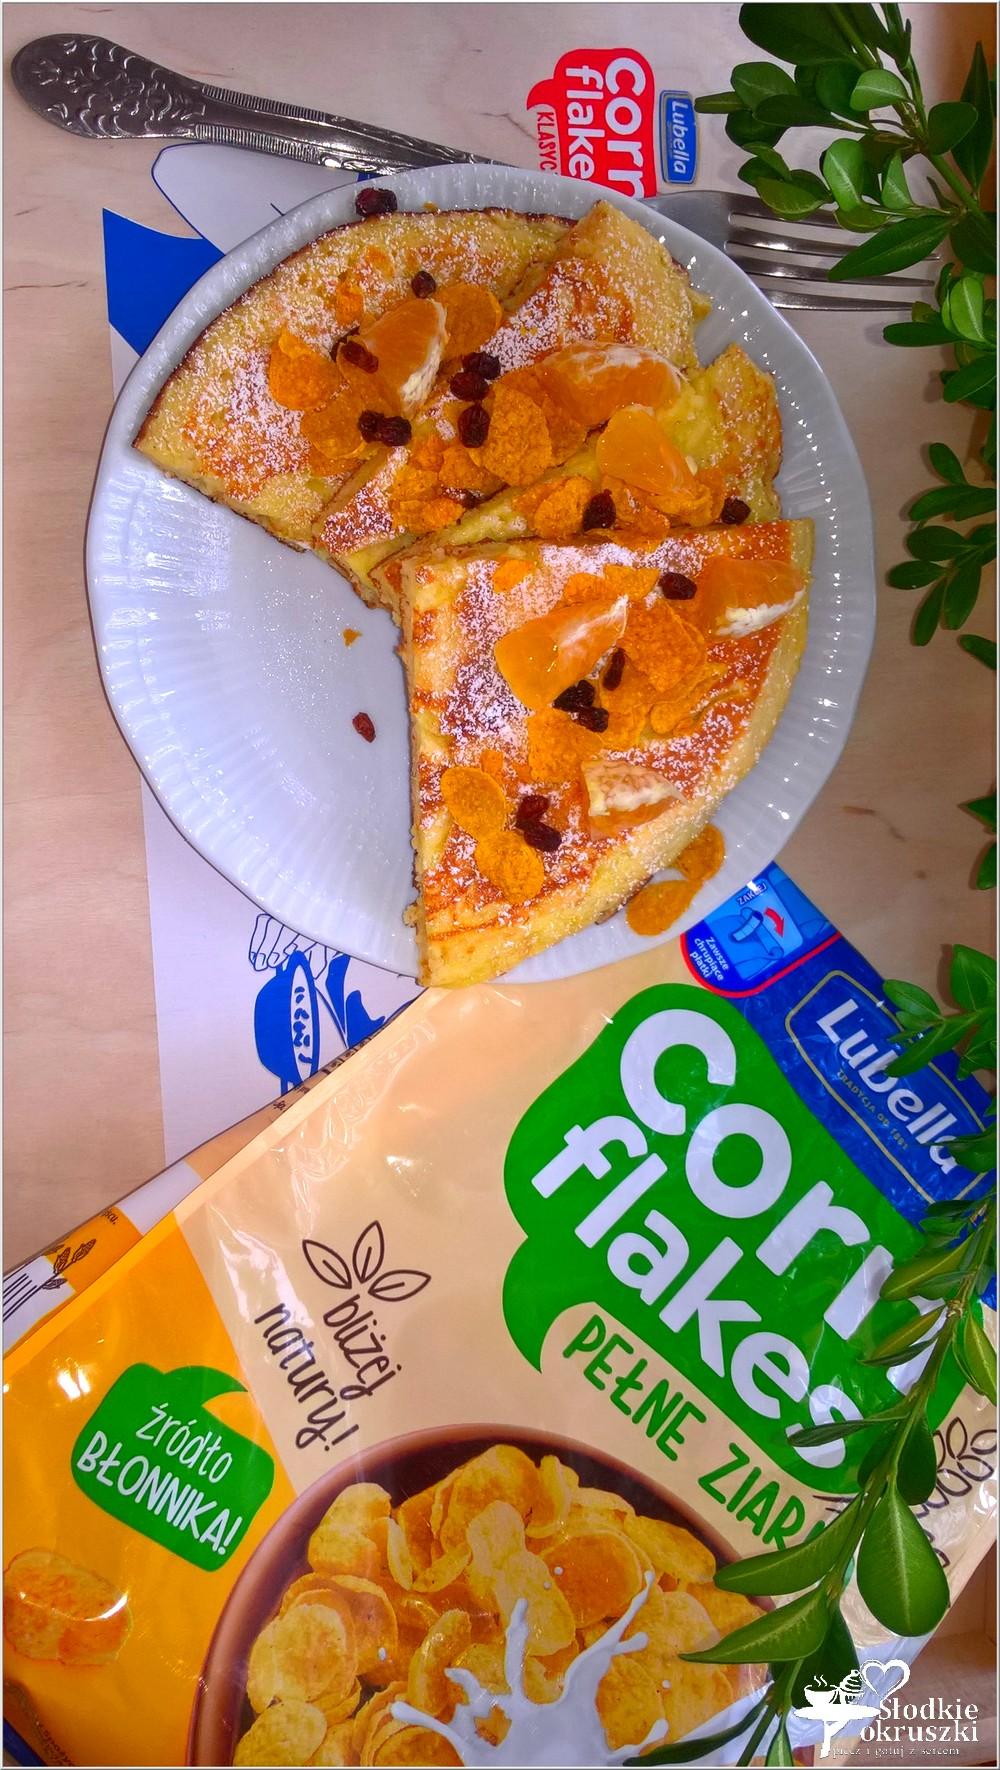 pyszny-i-chrupiacy-omlet-sniadaniowy-sniadanie-z-platkami-lubella-3